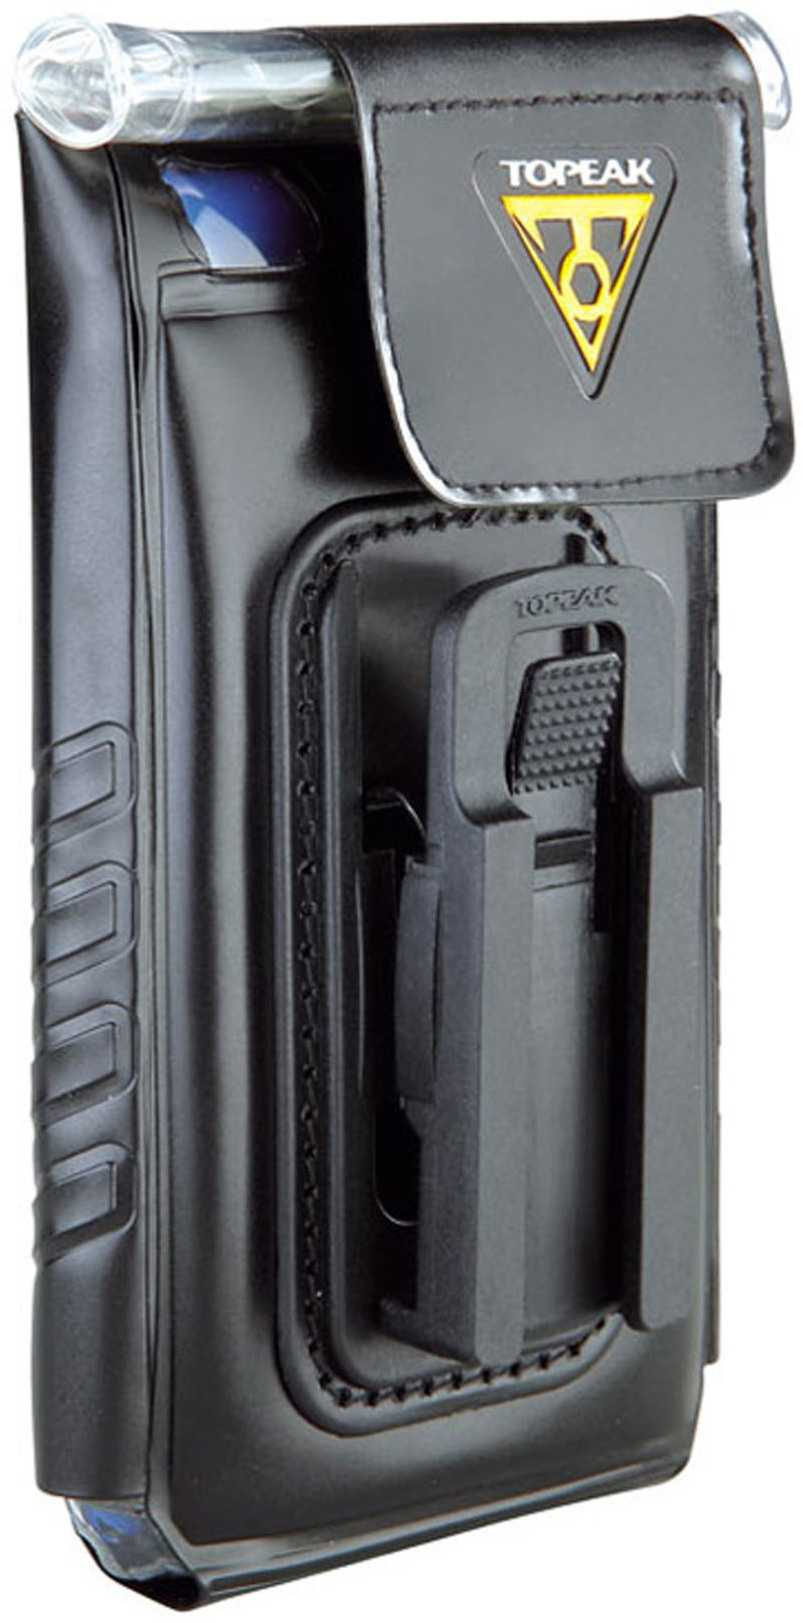 Telefonväska Topeak iPhone 4 vattentät svart